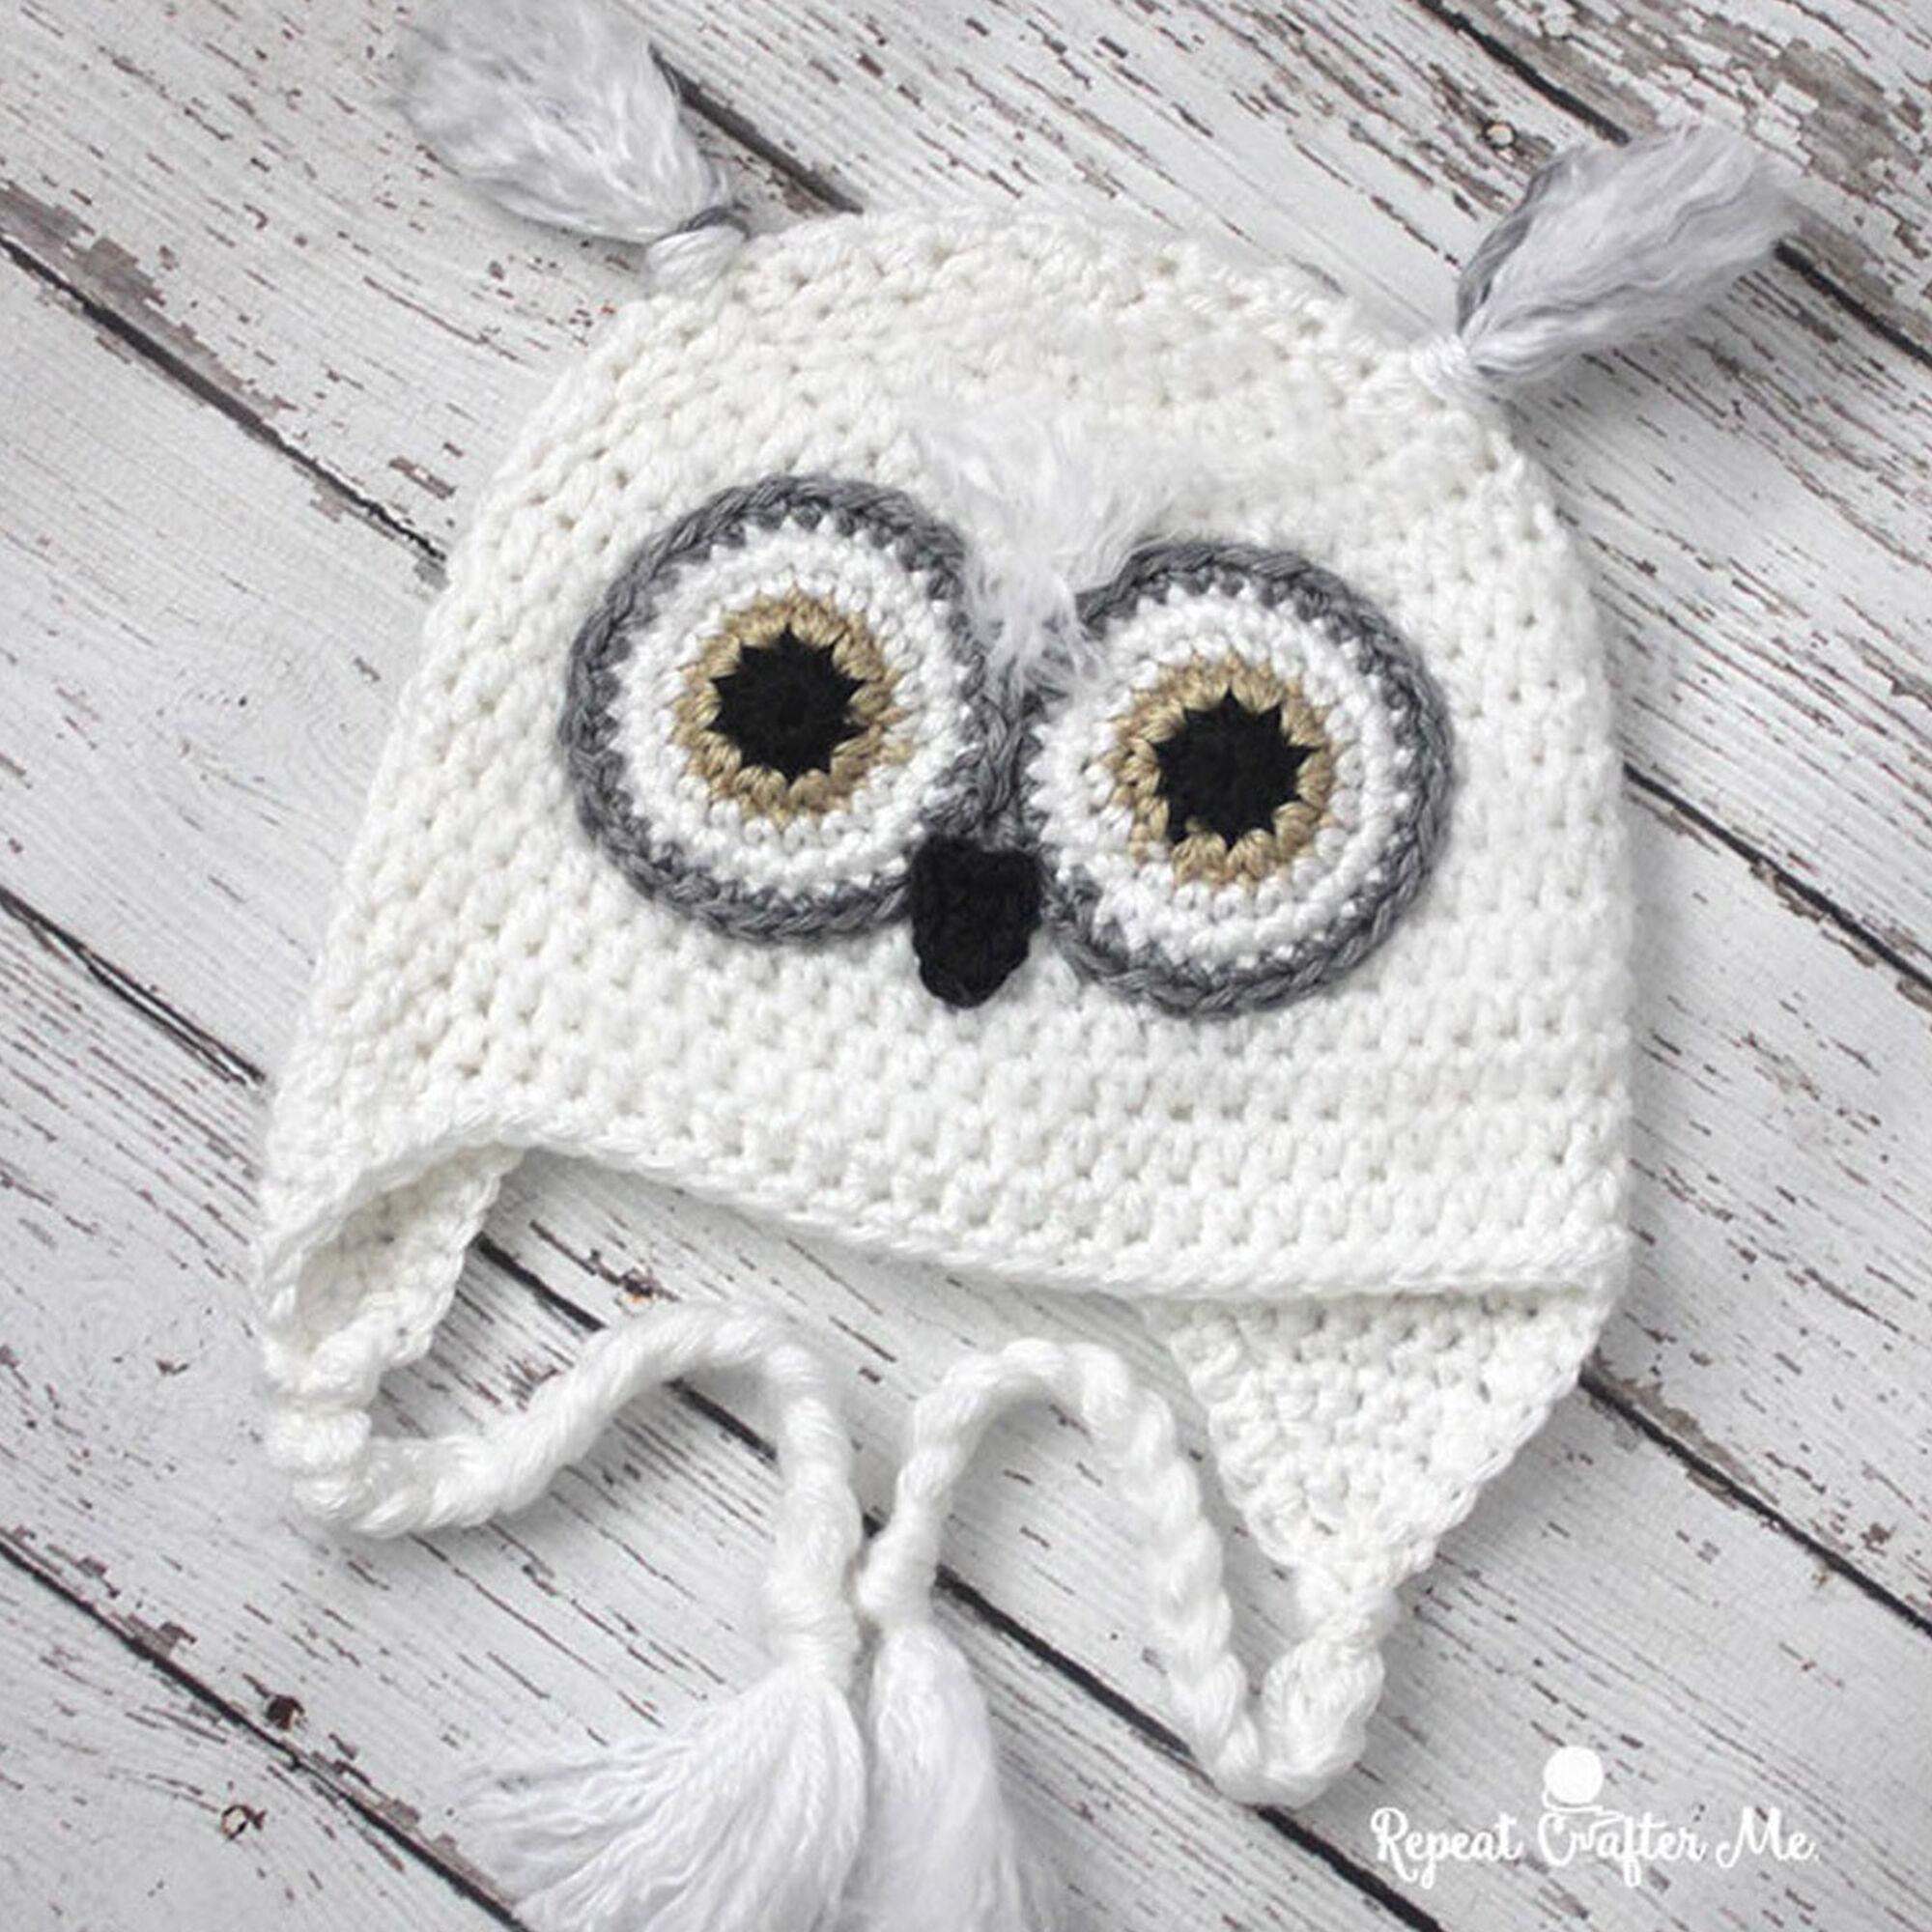 1df2ca4de8c More Inspirational Images. Caron Snowy Owl Crochet Hat ...